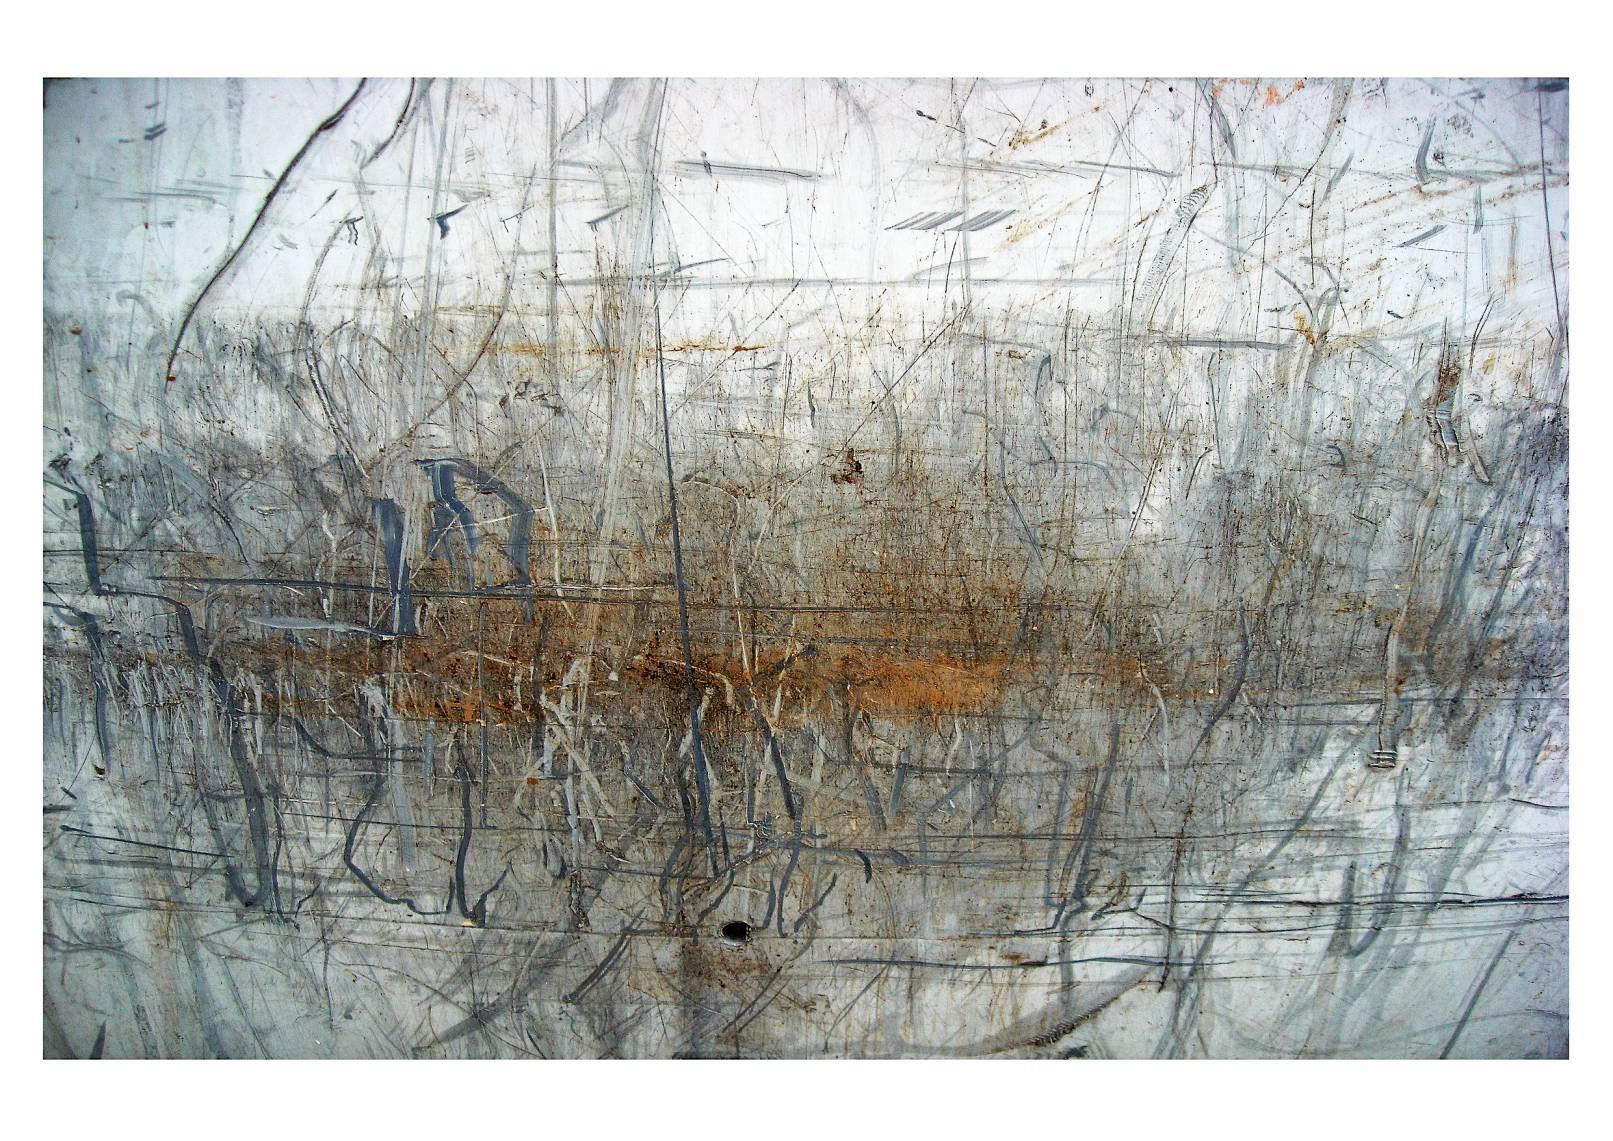 Vedado-Havana (Trash Painting II) (2017) - David Beltrán